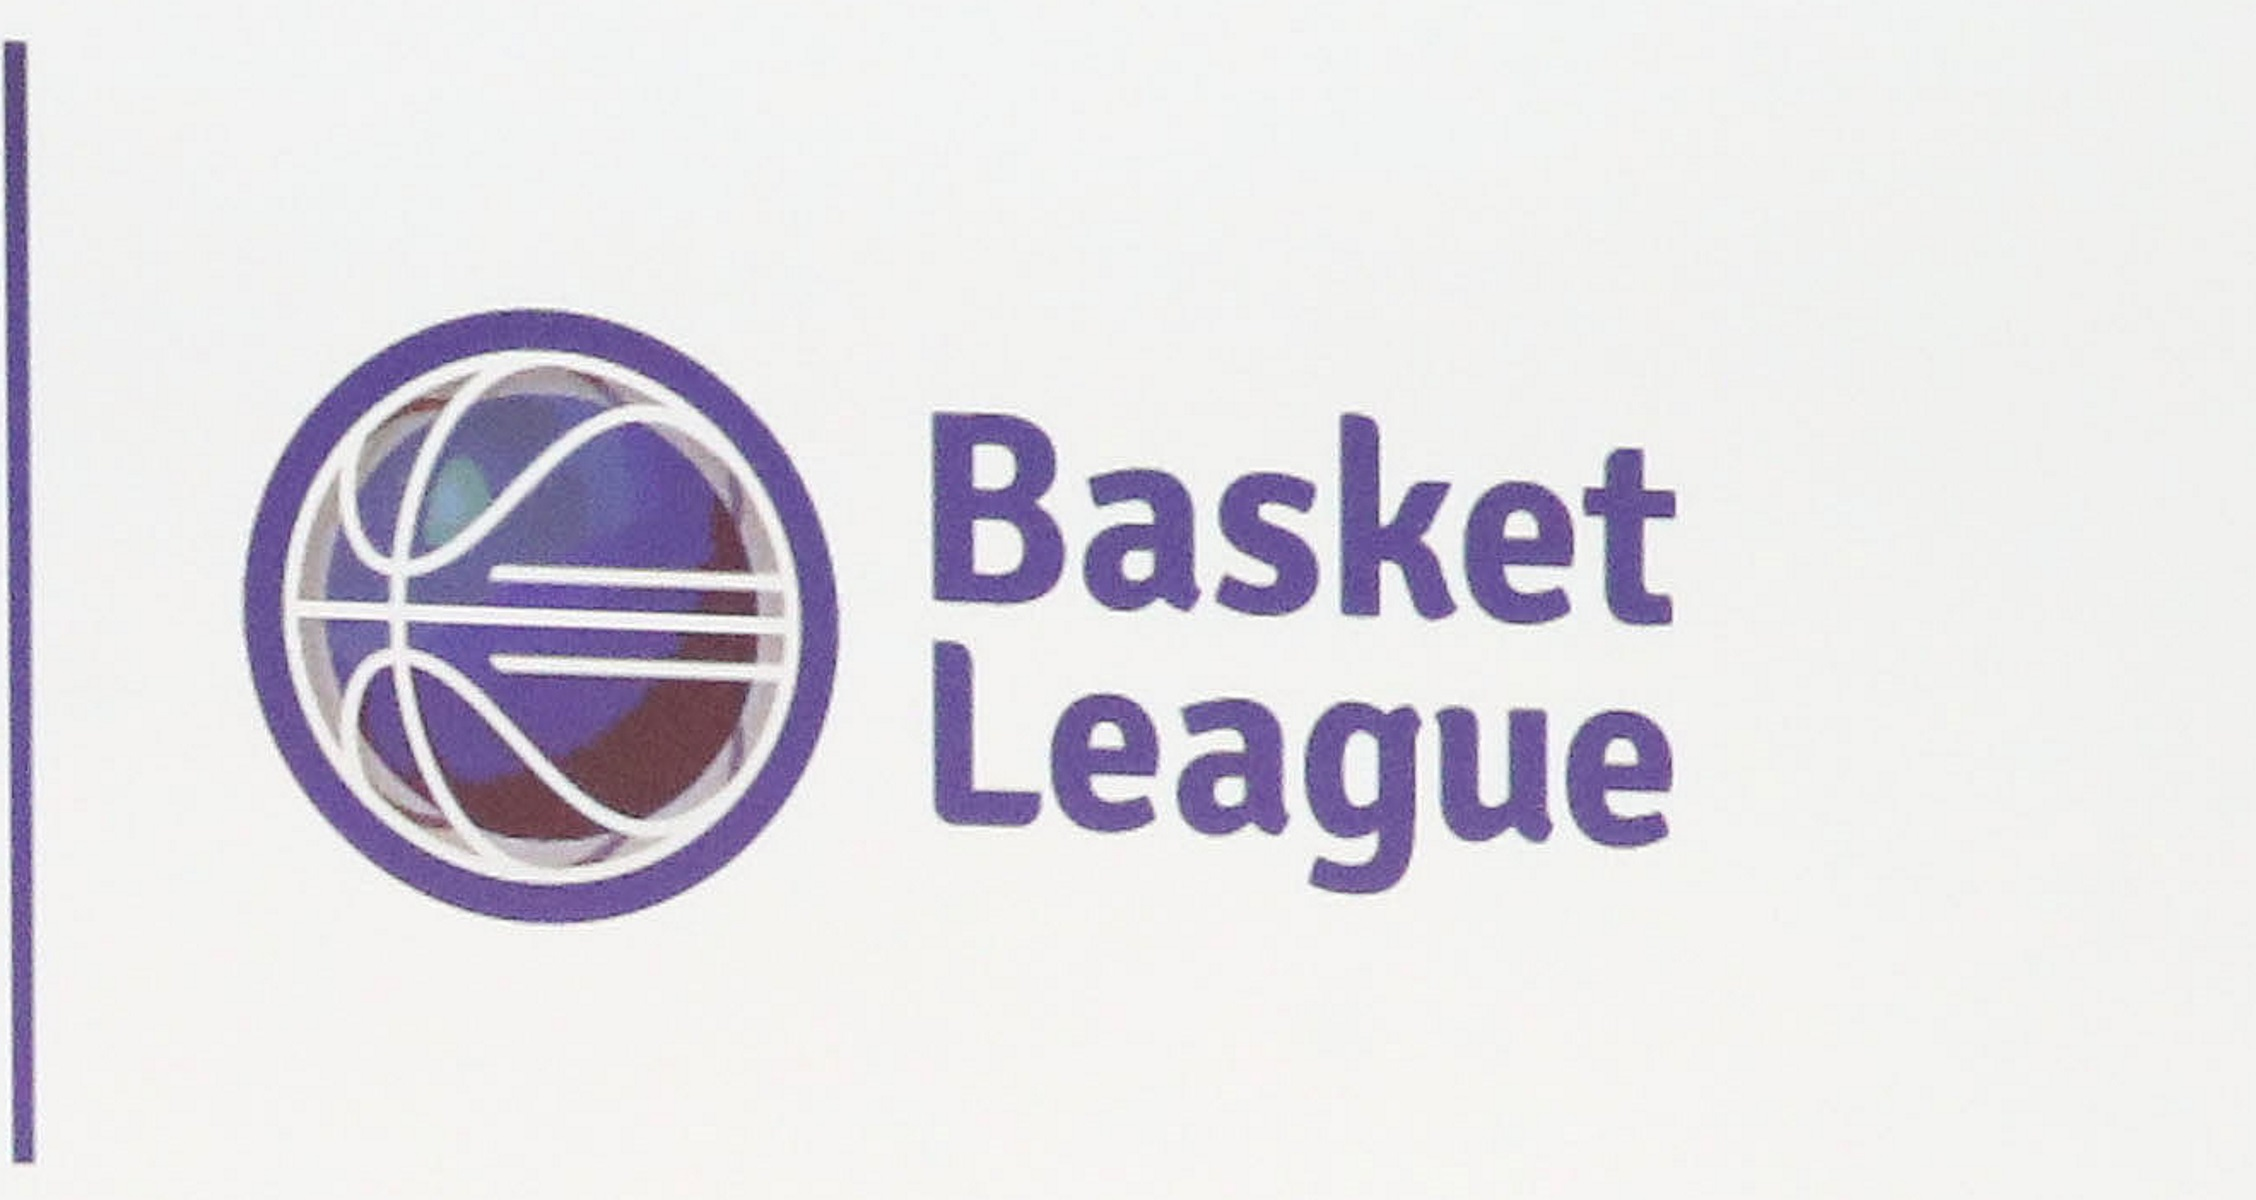 Basket League: Δεν υπήρξε συμφωνία παικτών και ομάδων για τα δεδουλευμένα